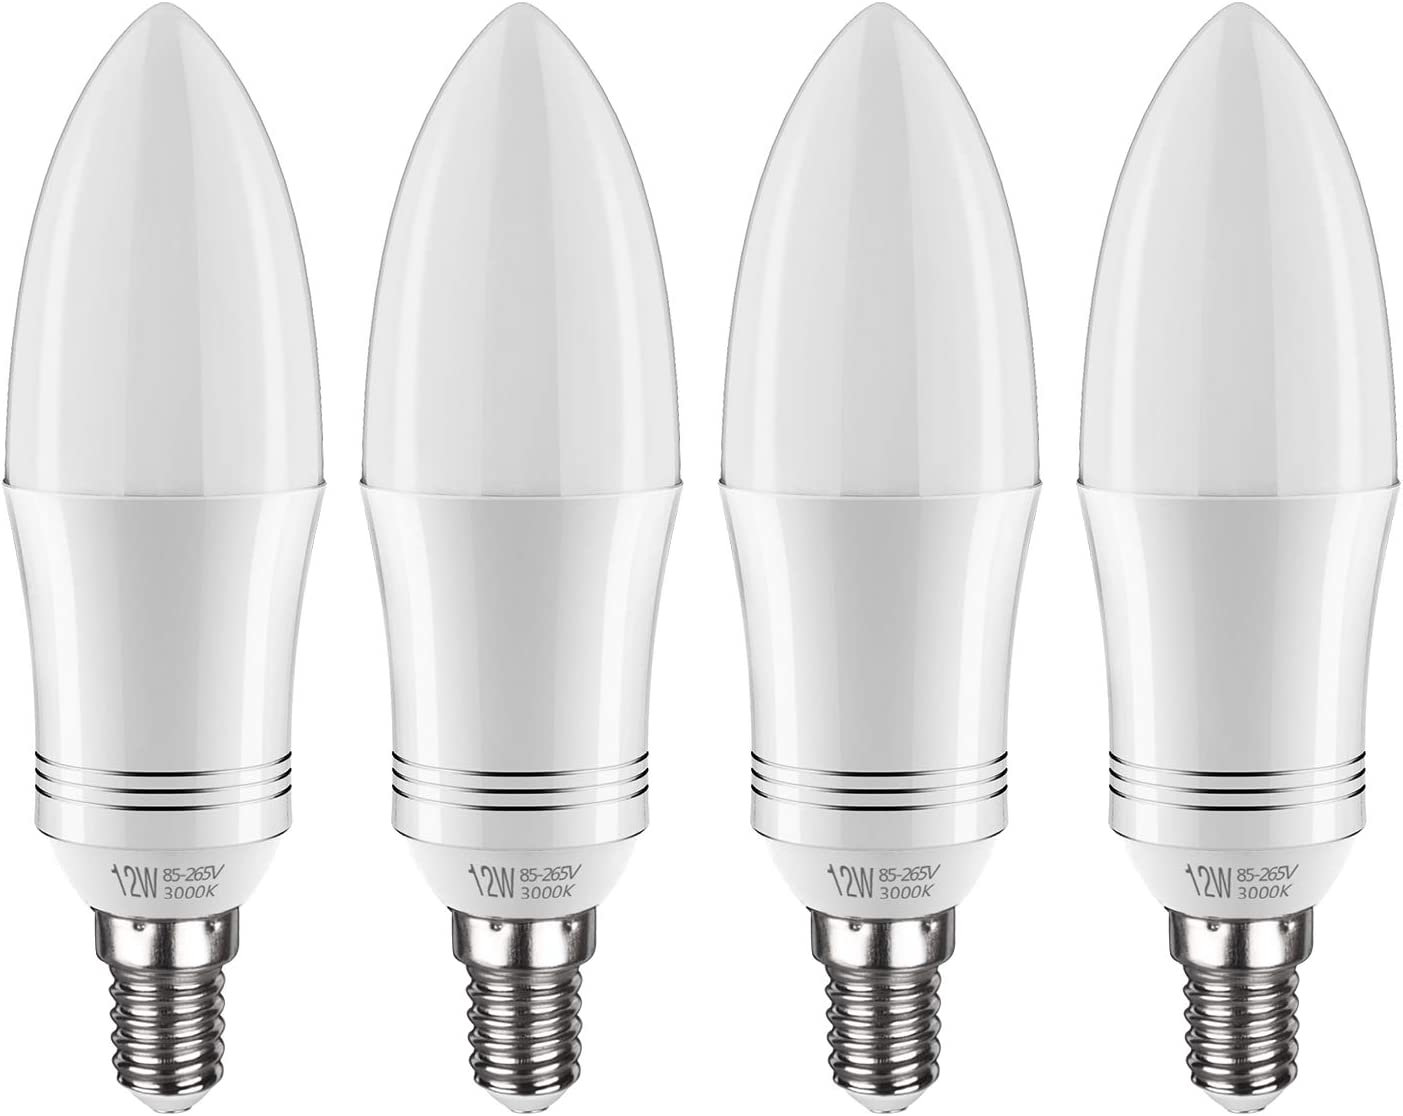 Tebio Bombilla LED E14, 12 W, equivalente a bombilla incandescente de 100 W, 3000 K blanco cálido, 1200 lm, CRI>80+, rosca Edison pequeña, no regulable, 4 unidades